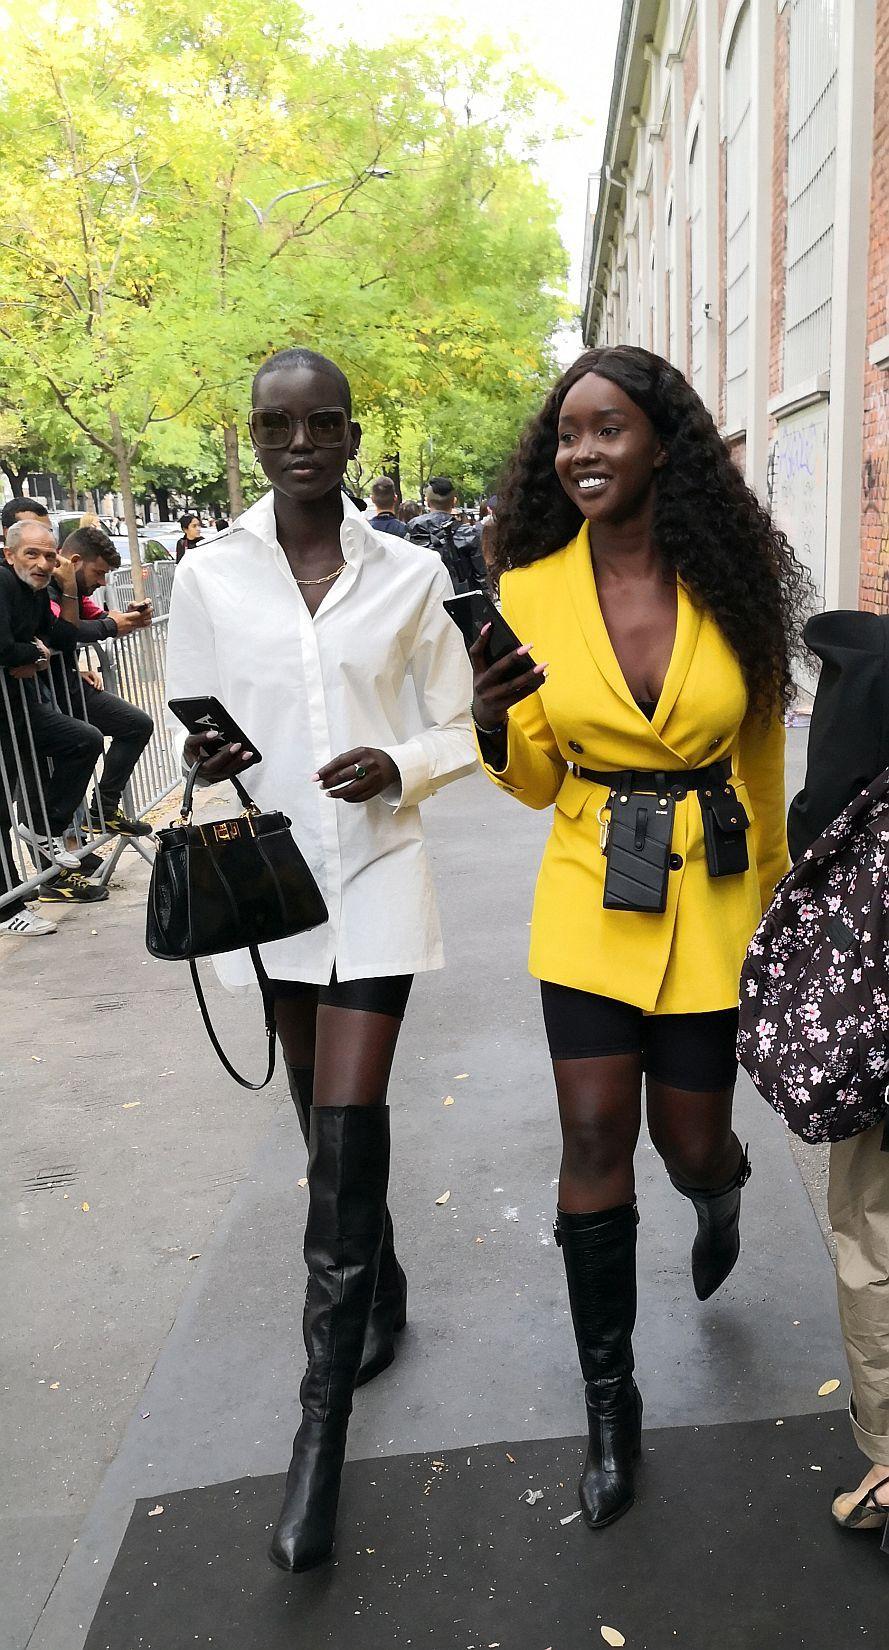 Fendi_Milan-Fashion-Week_street-style_spring-2020_september-2019_16